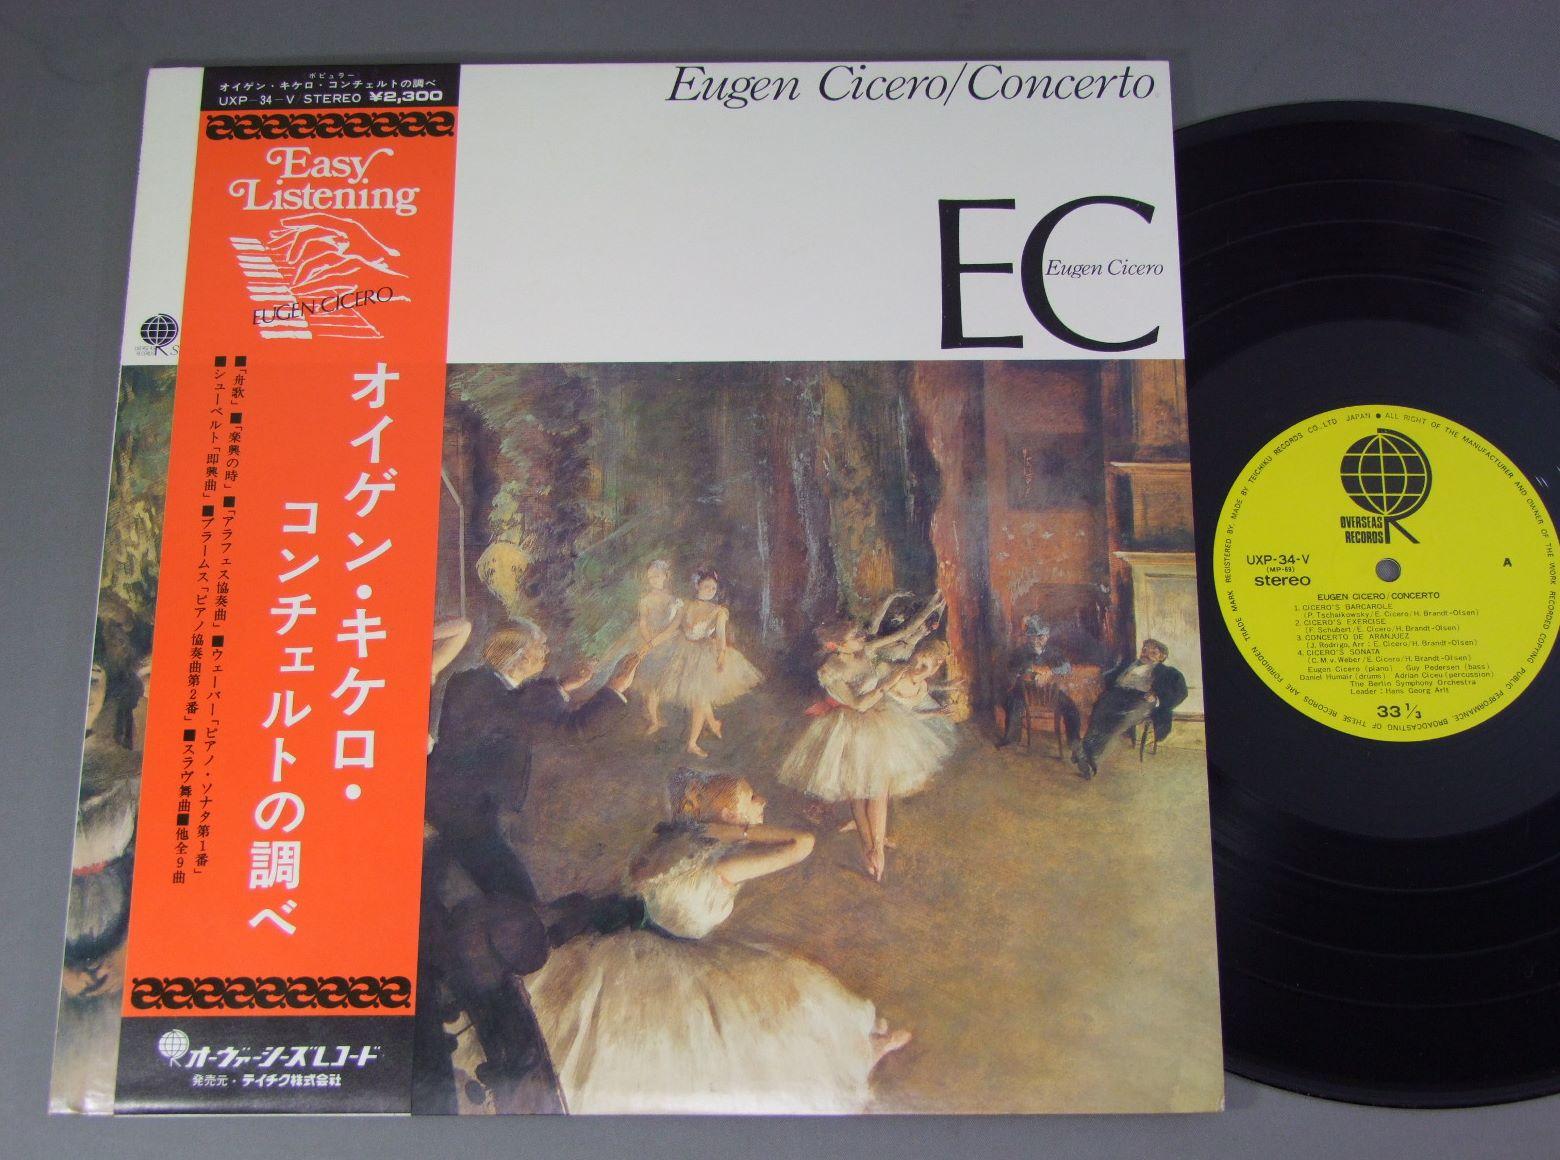 EUGEN CICERO - CONCERTO - LP